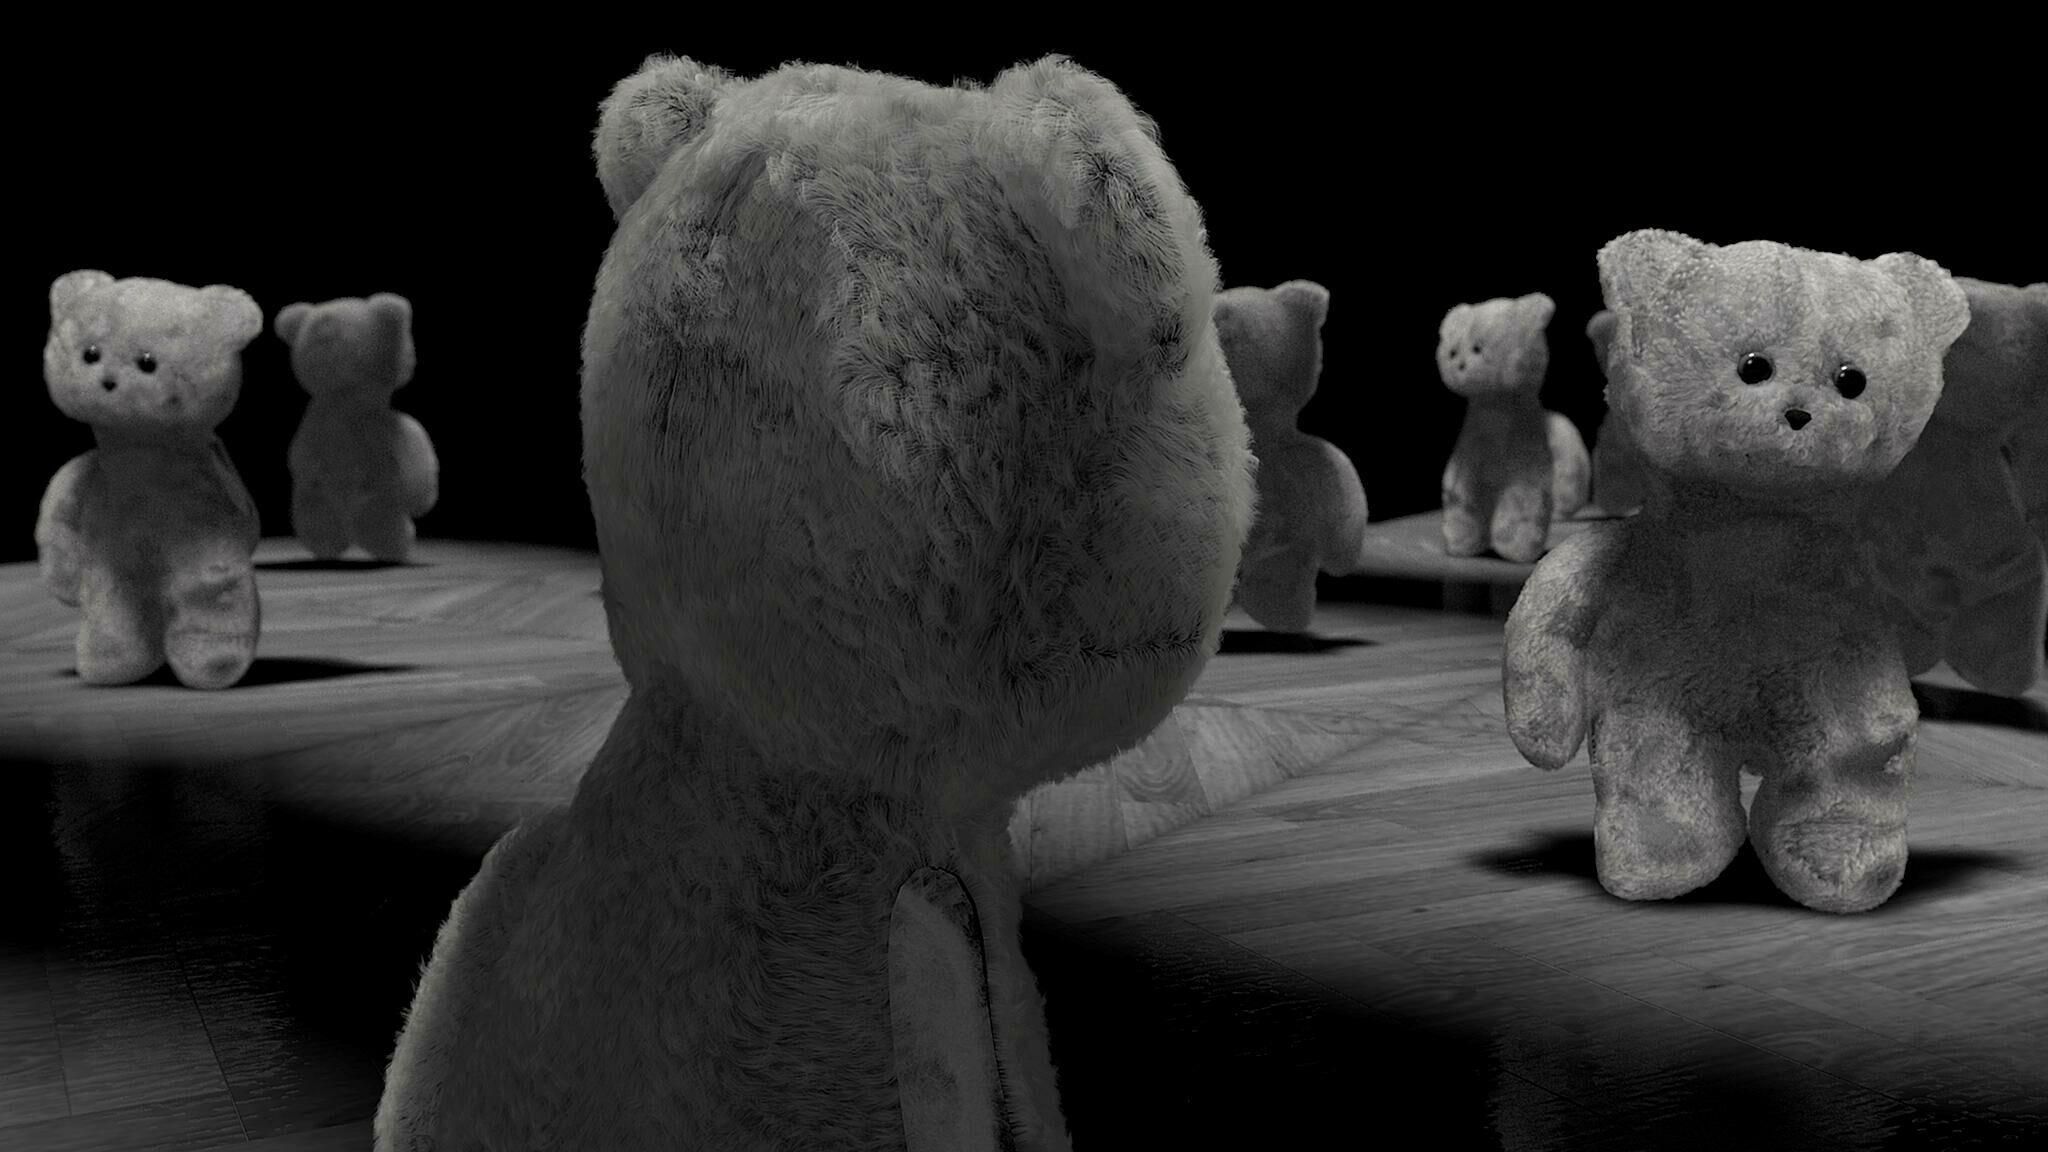 Film still of bears.